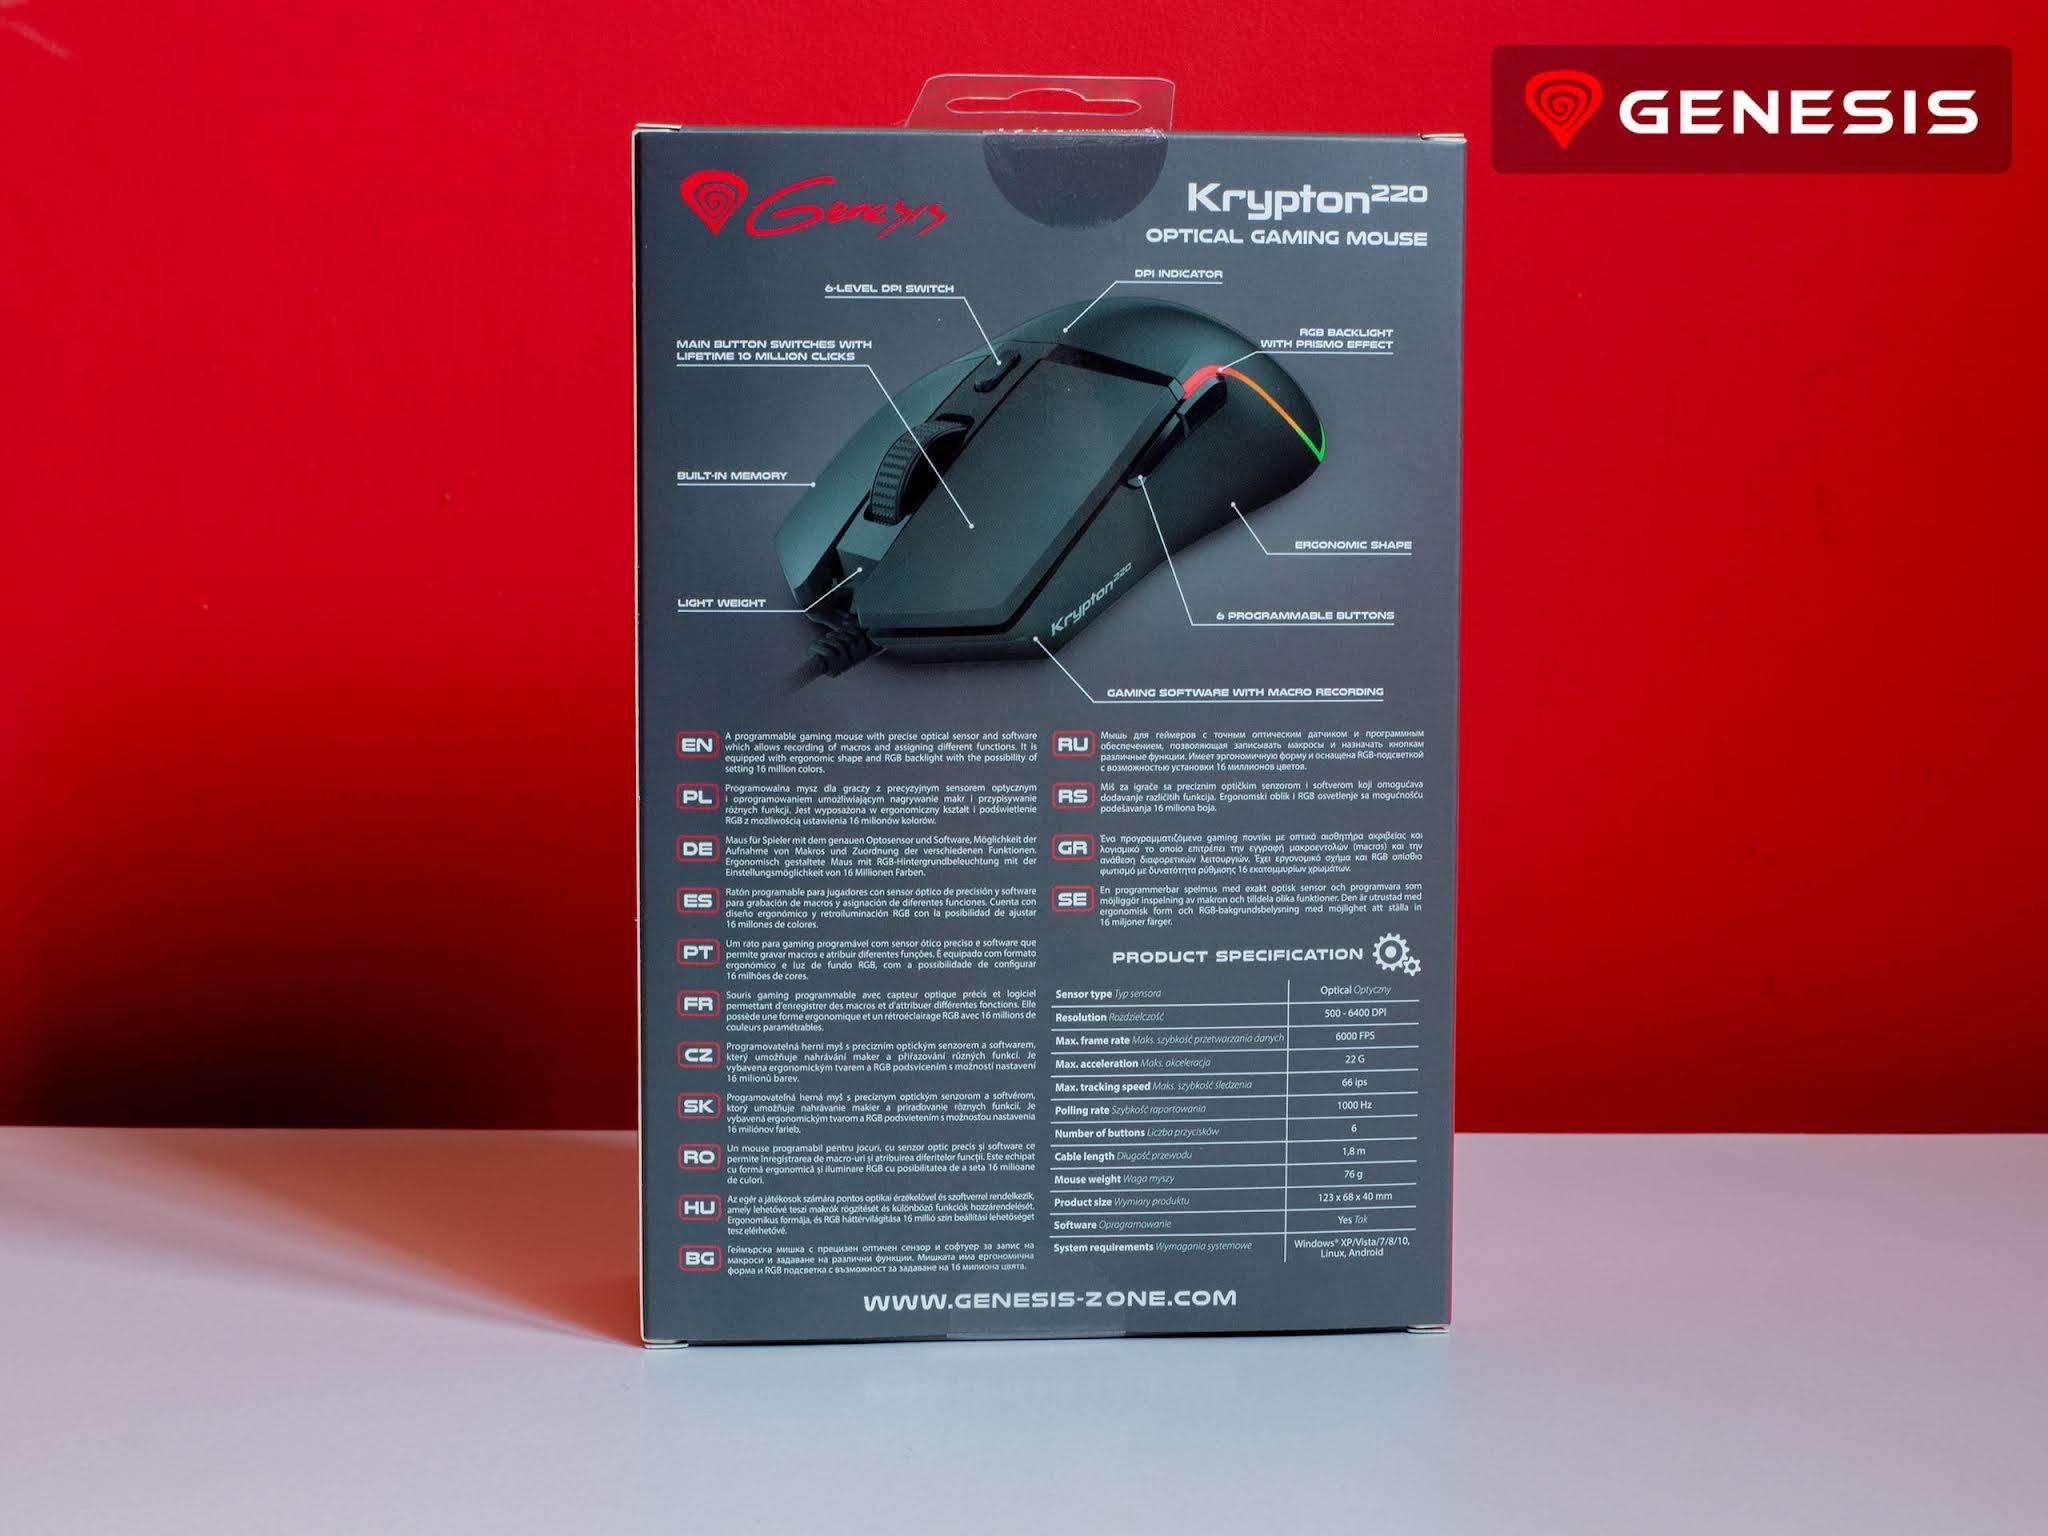 Myszka Genesis Krypton 220 tył pudełka